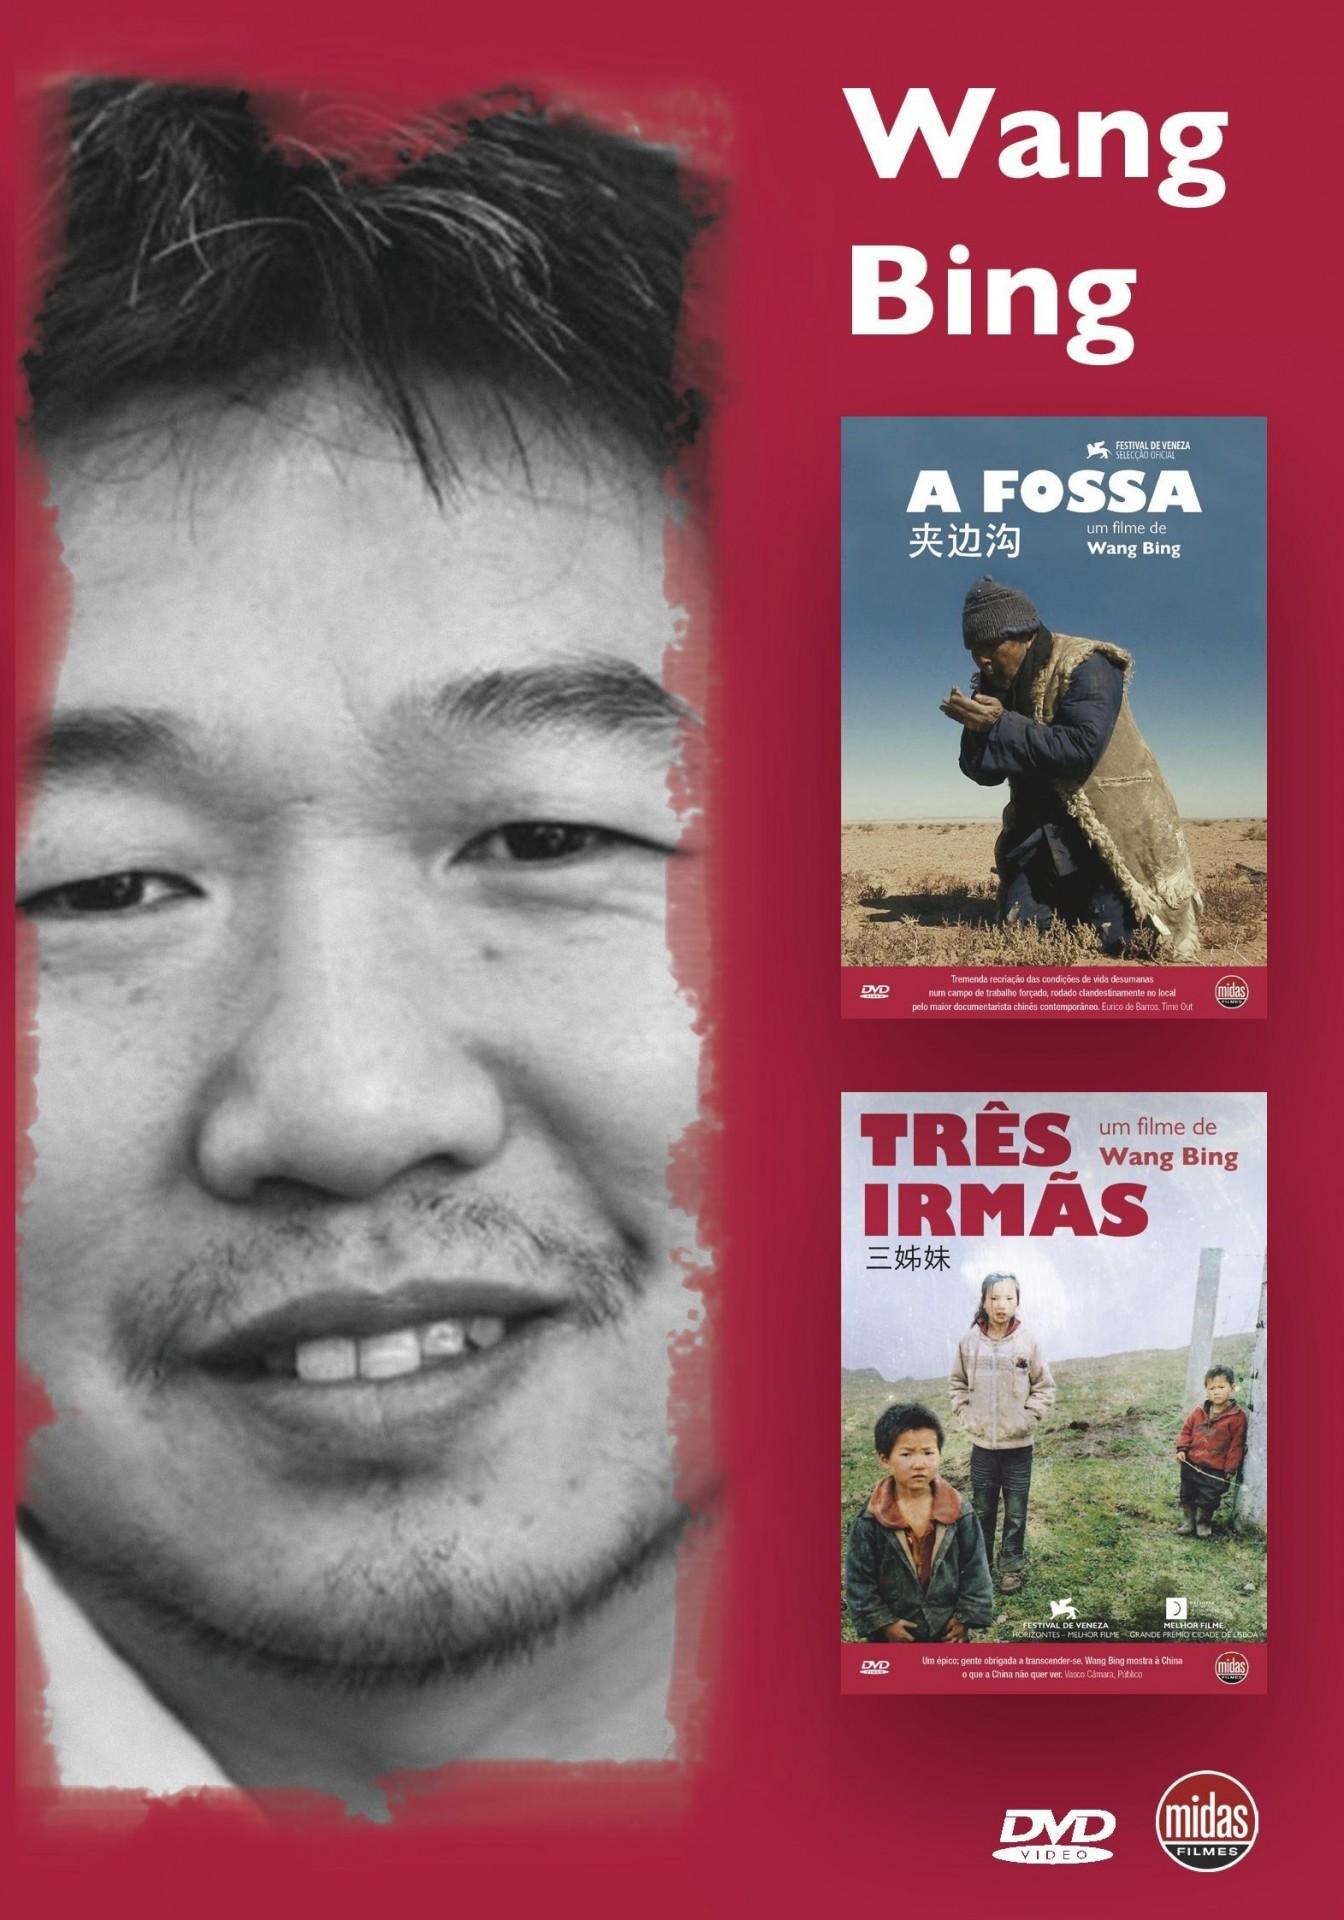 Coleção Wang Bing